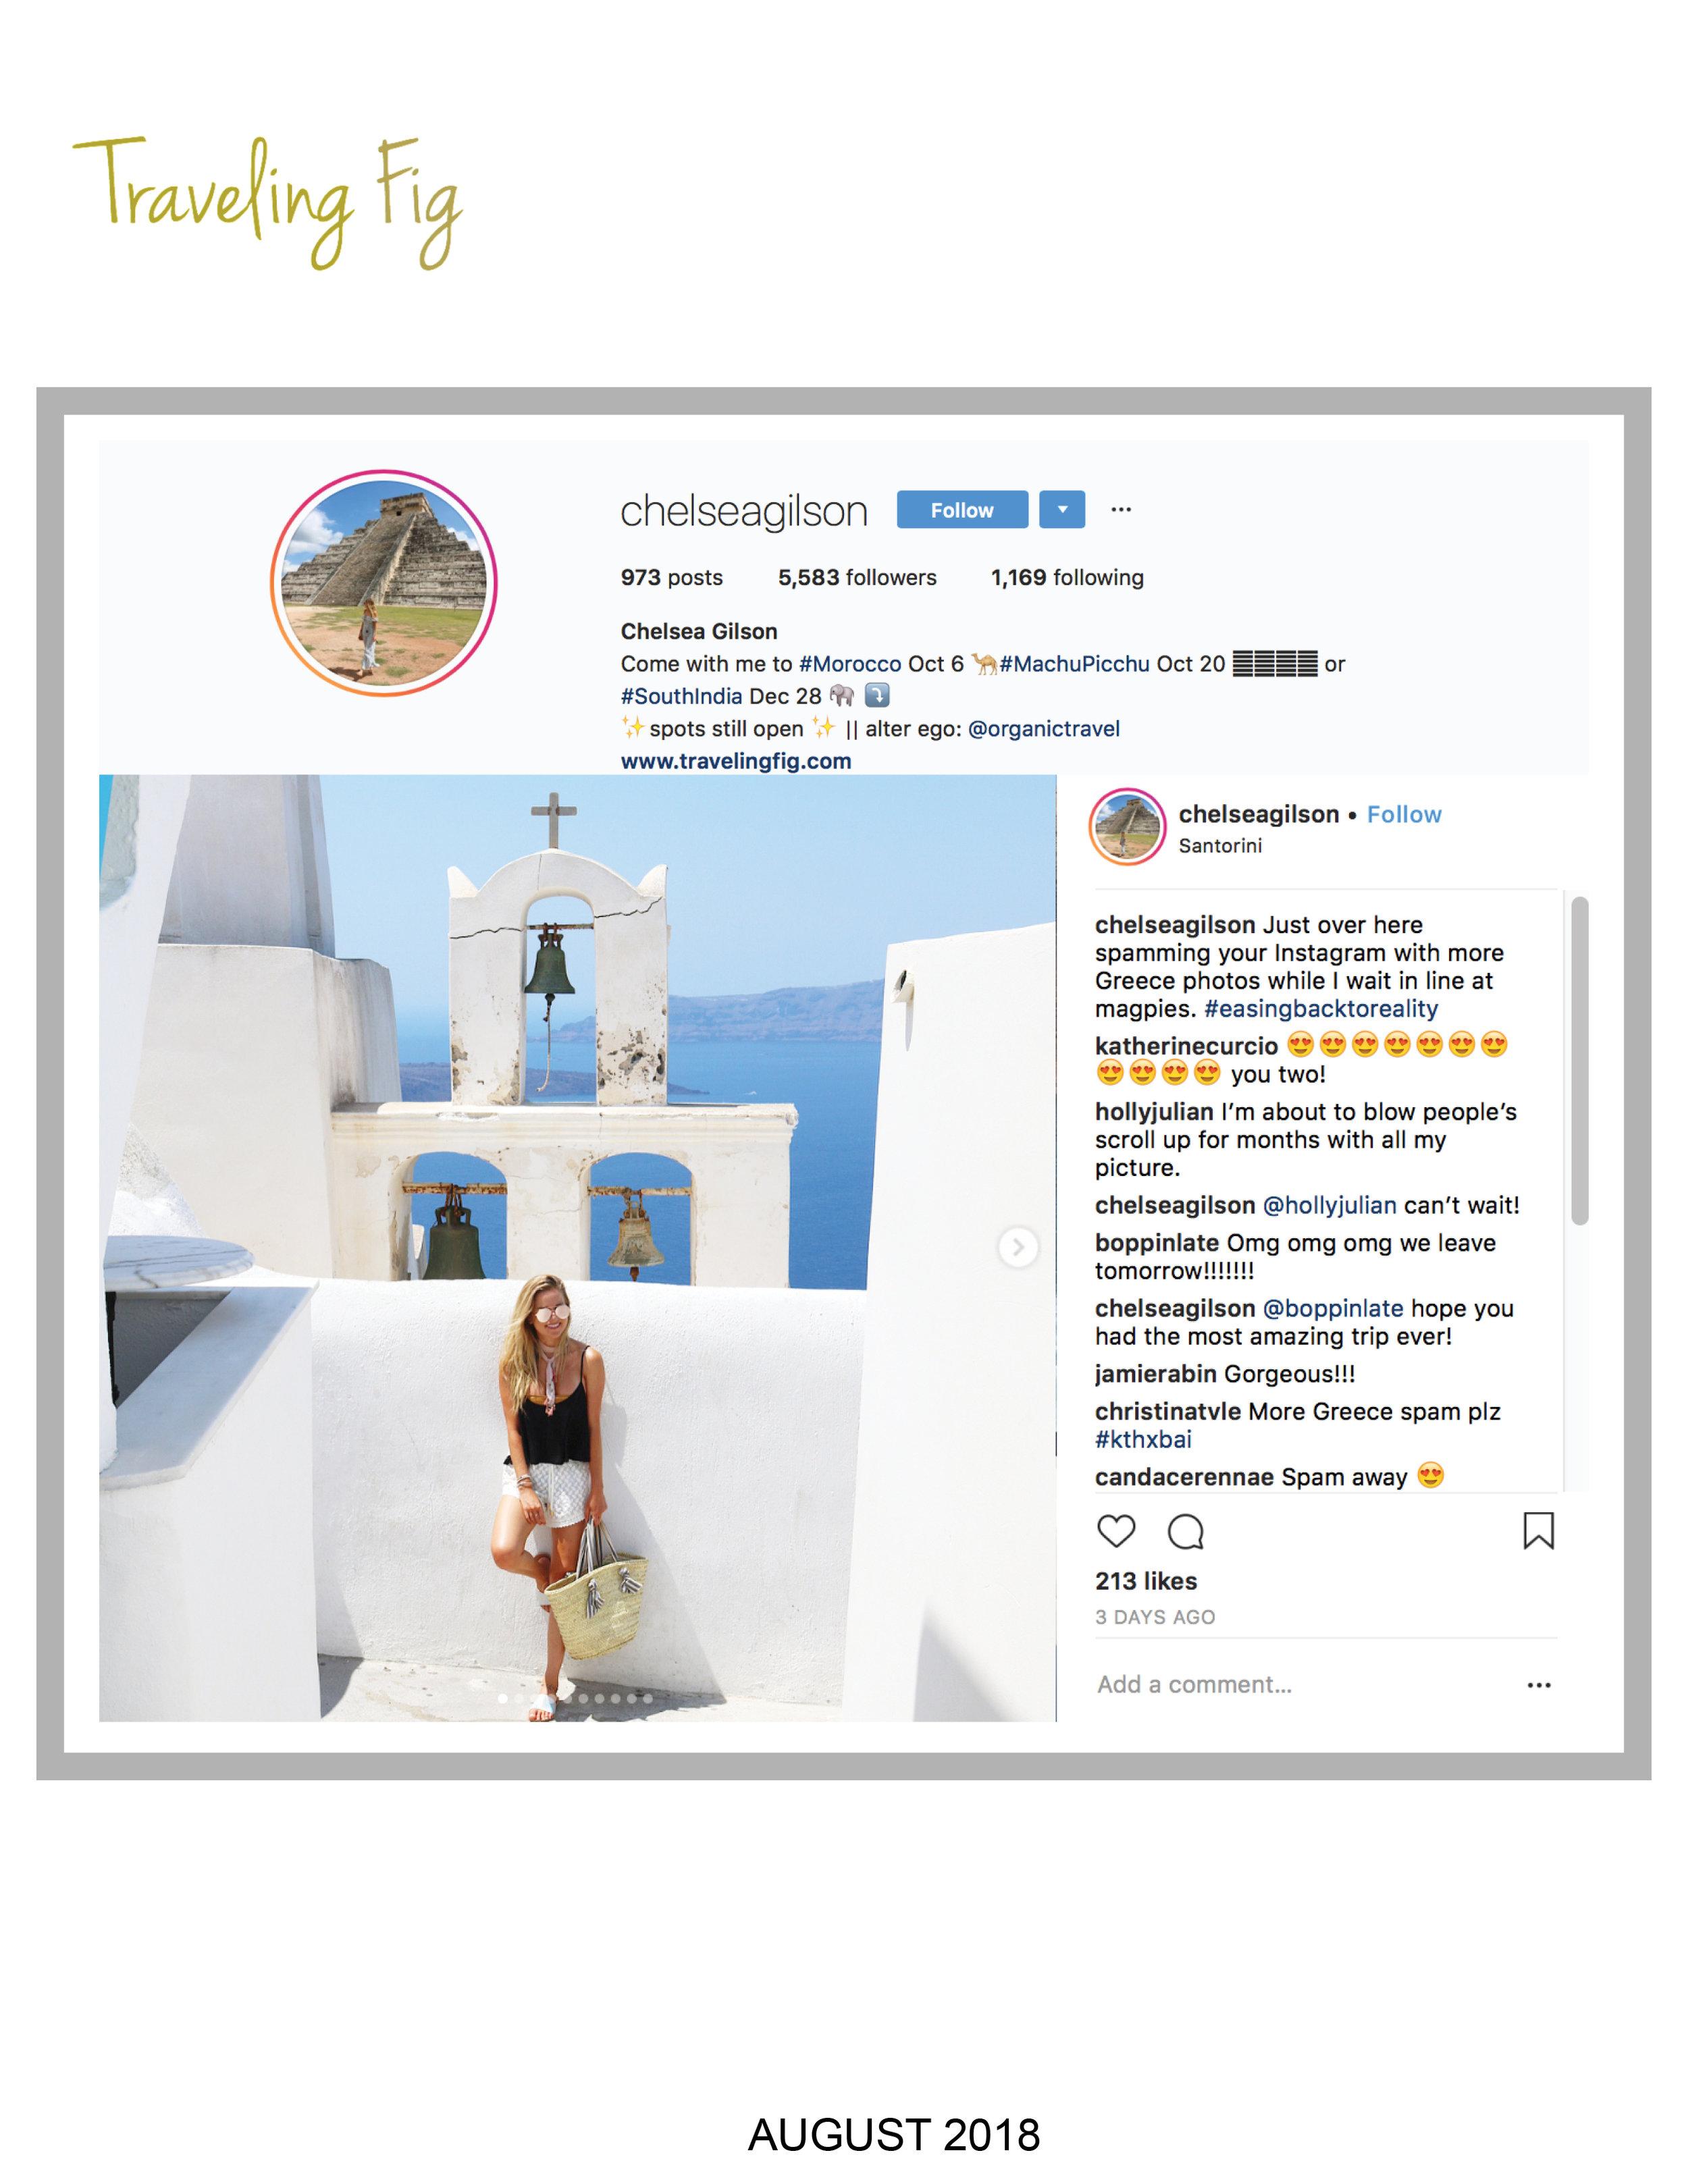 Malvados_ChelseaGilson_August2018.jpg